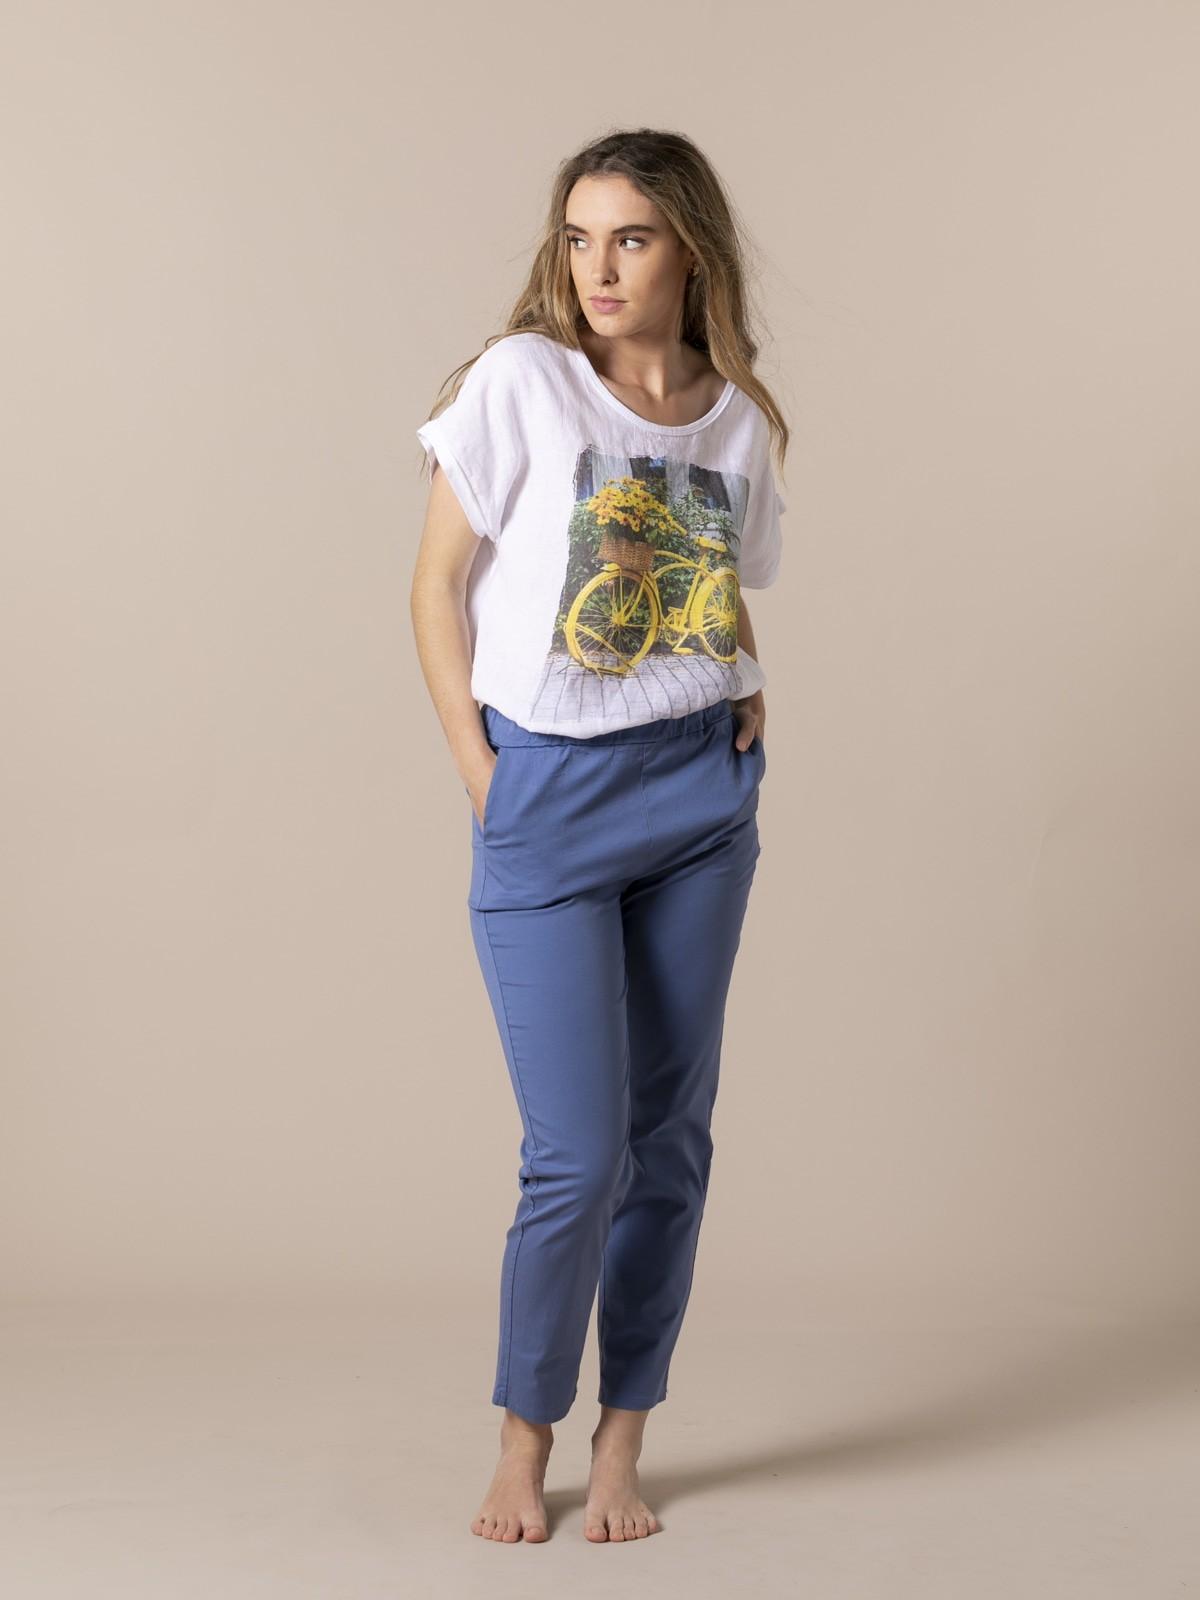 Pantalón mujer sport ligero Azul